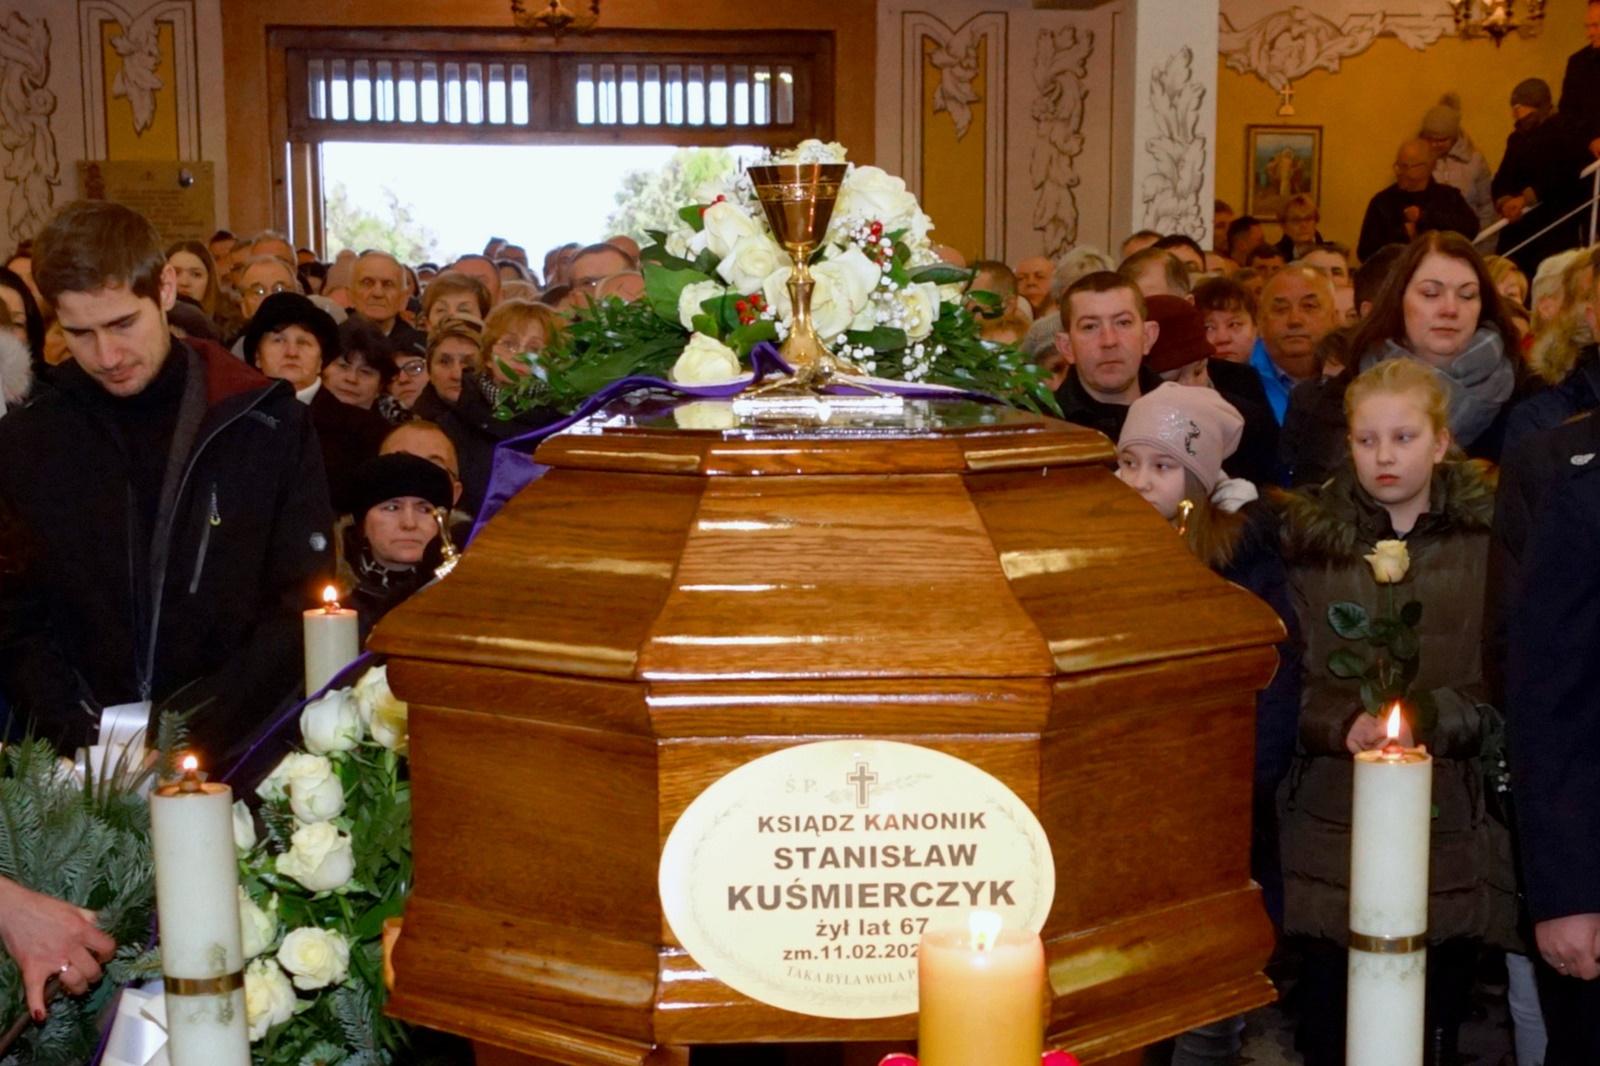 pogrzeb-ks-stanislaw-kusmierczyk-stykow-gmina-brody-DSC02145-f.JPG